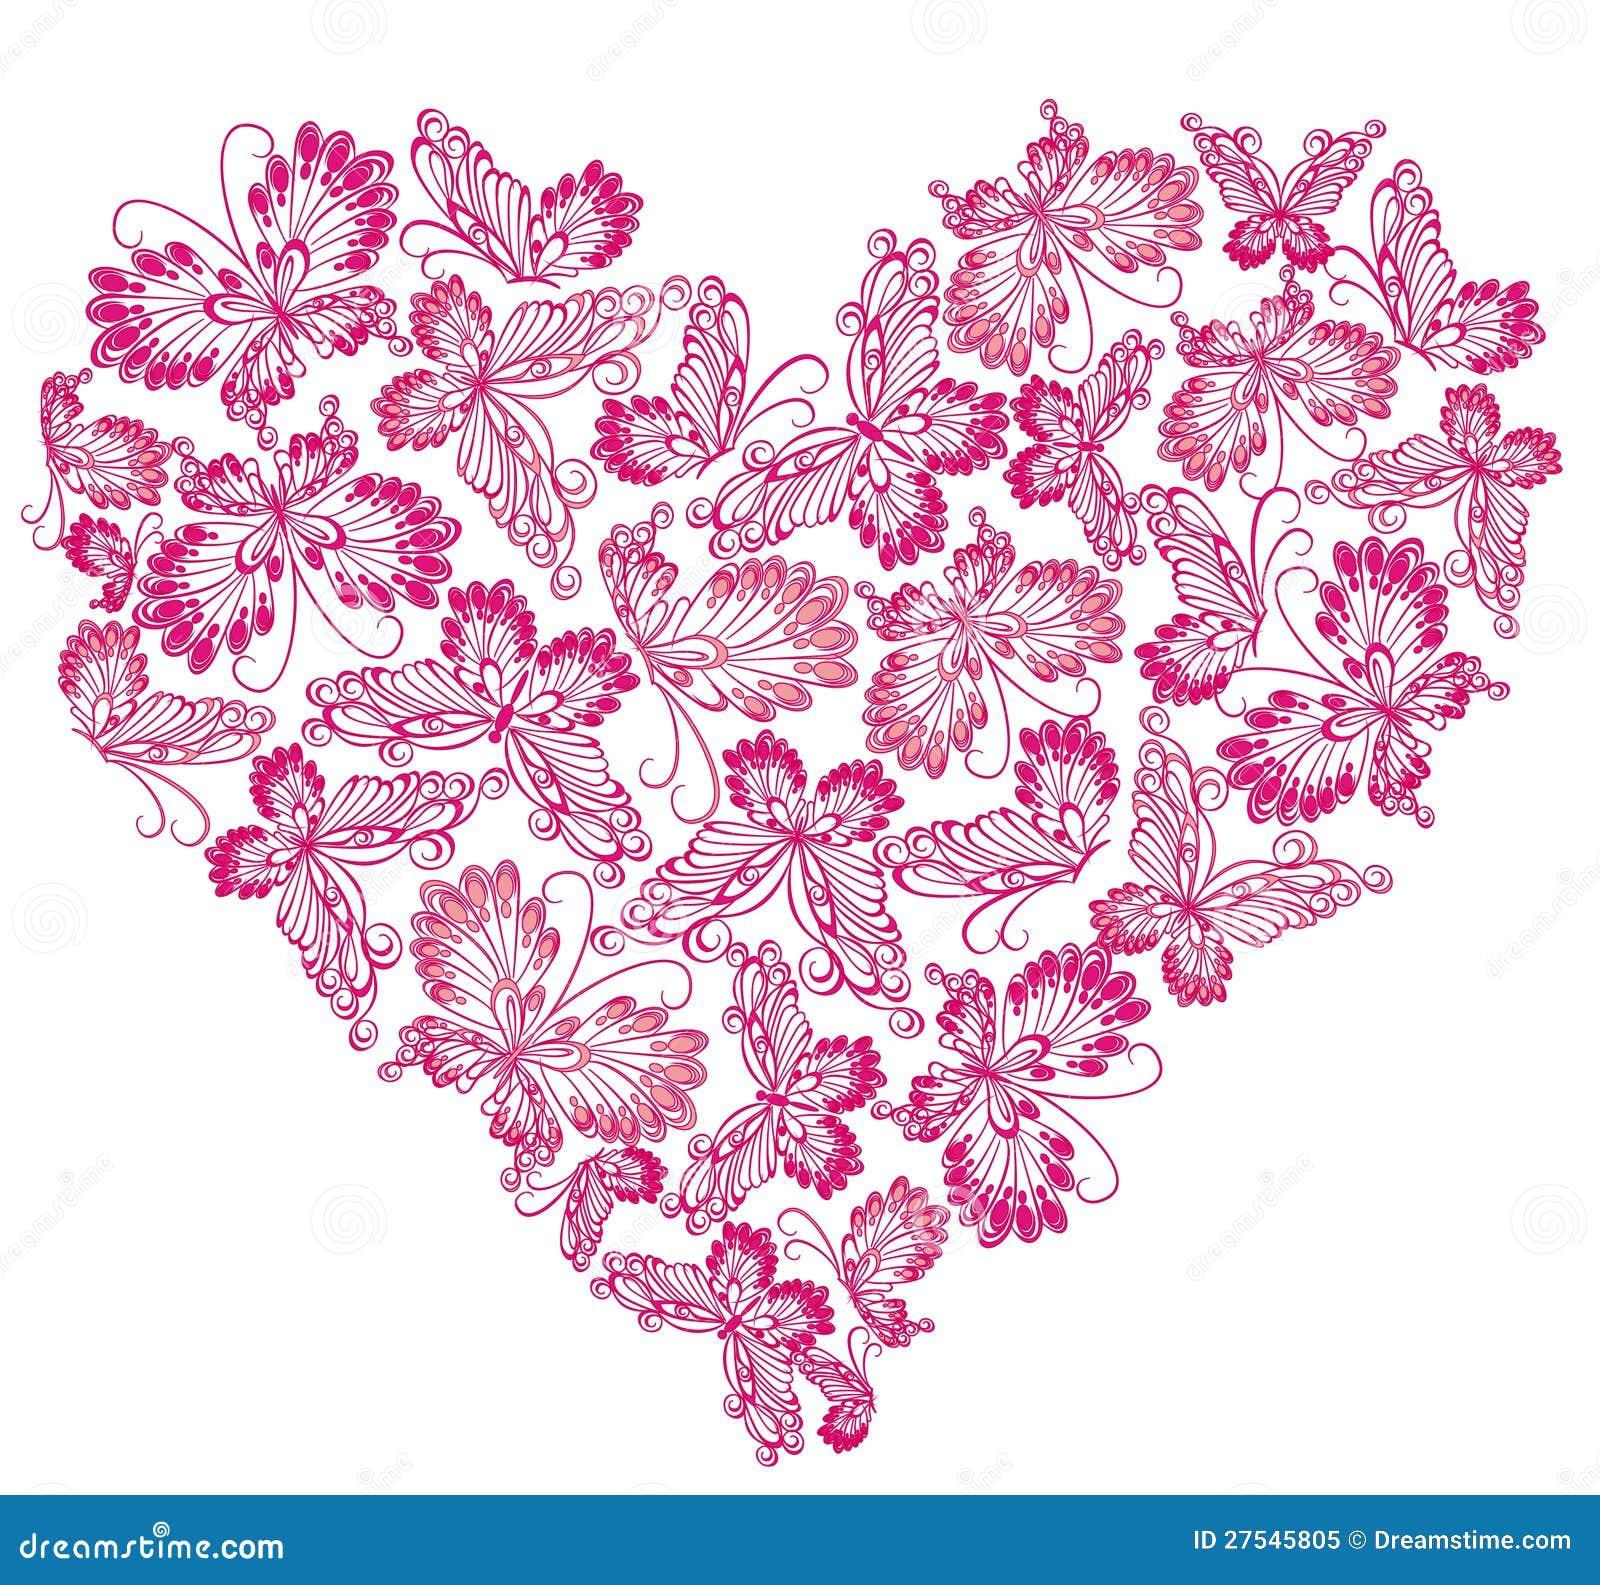 Floral Love Shape Heart Of Butterflies Stock Vector